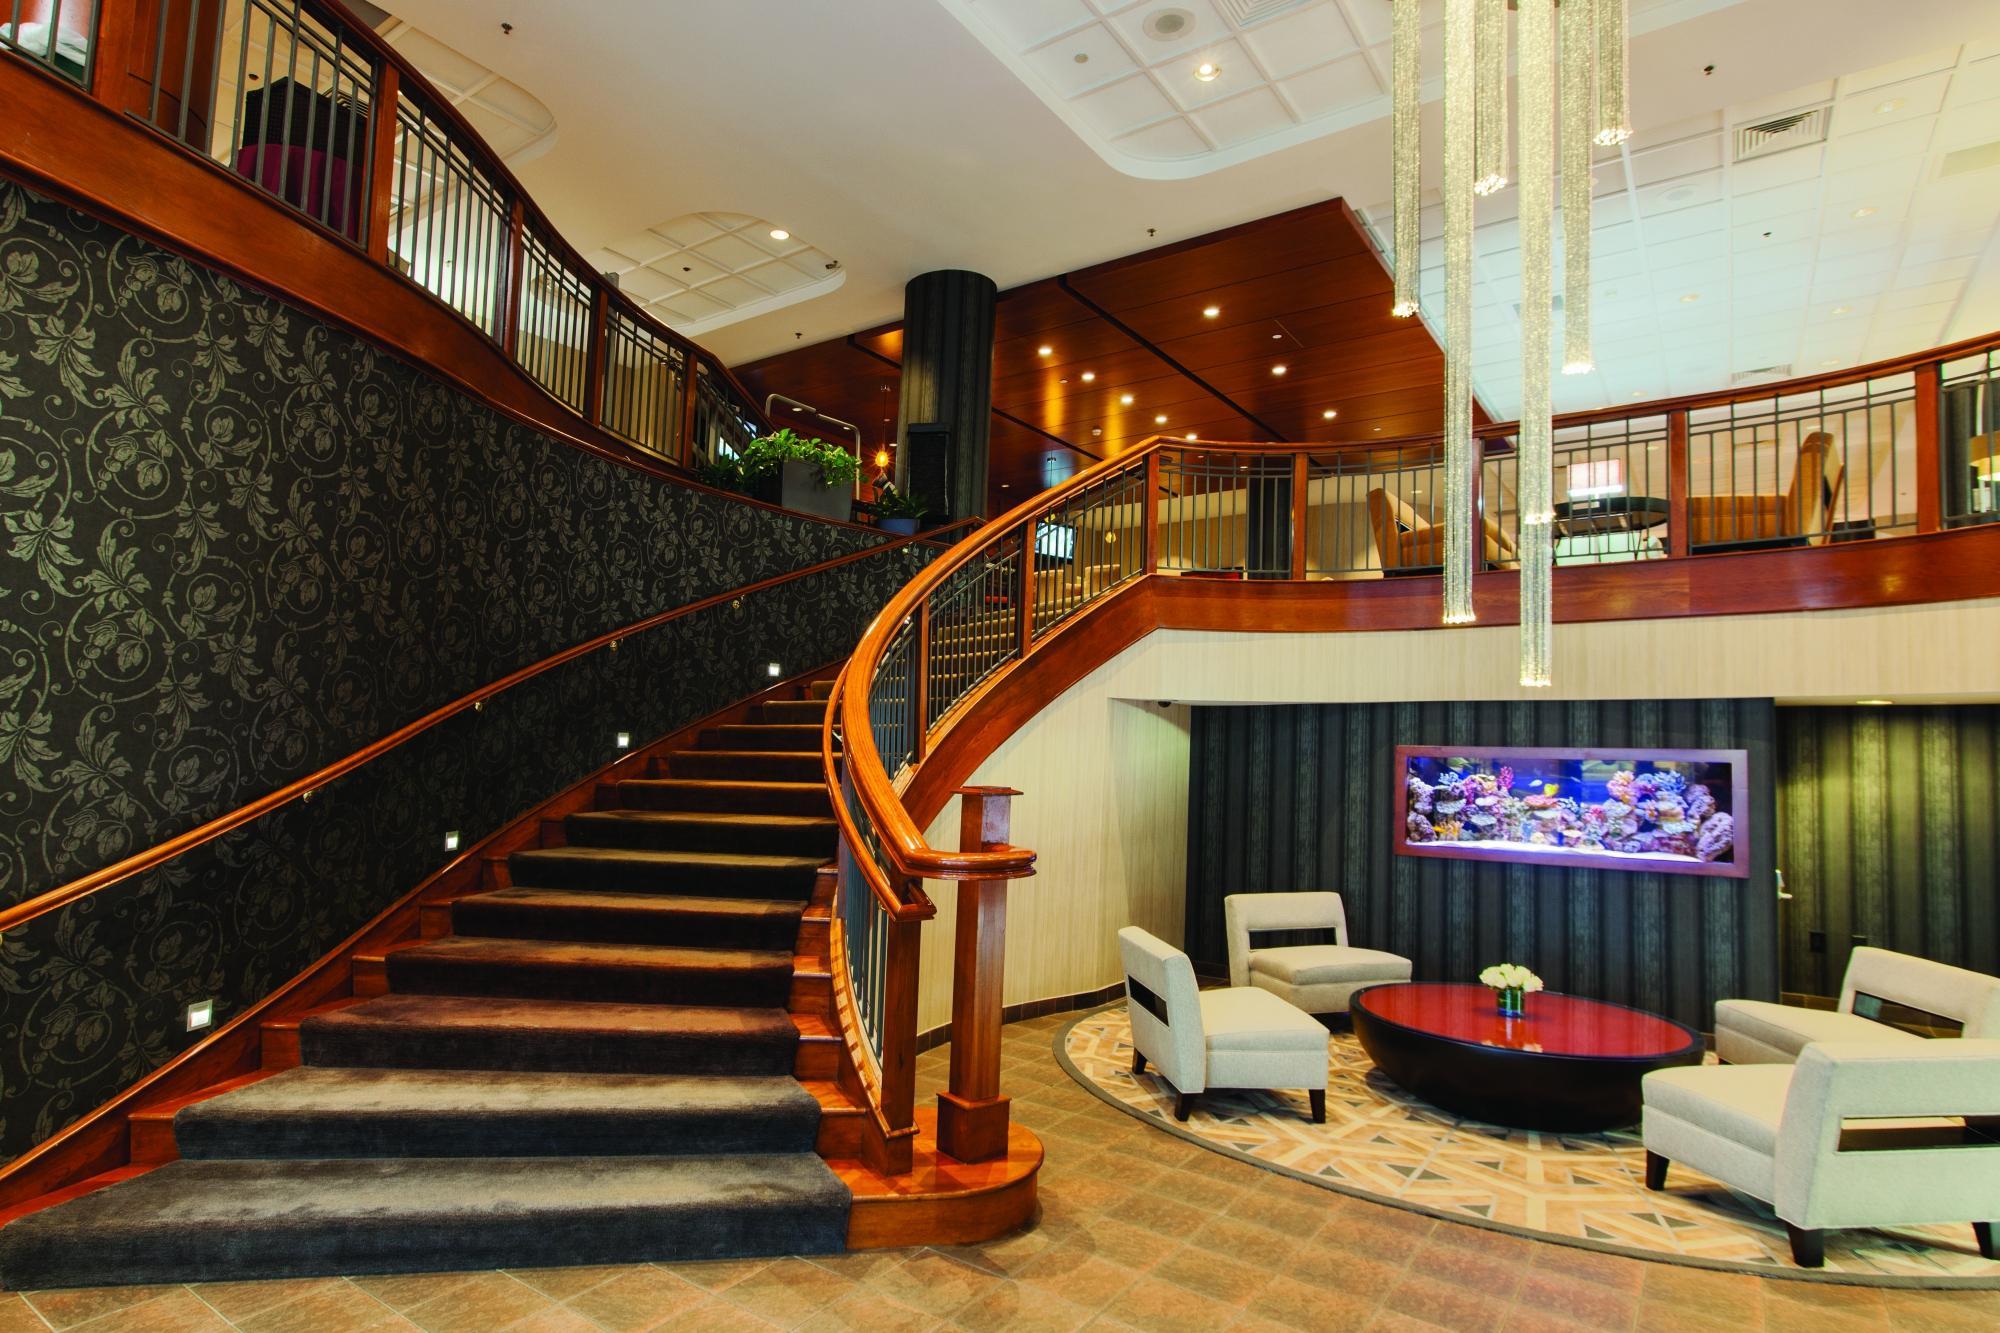 더블트리 호텔 보스턴 다운타운